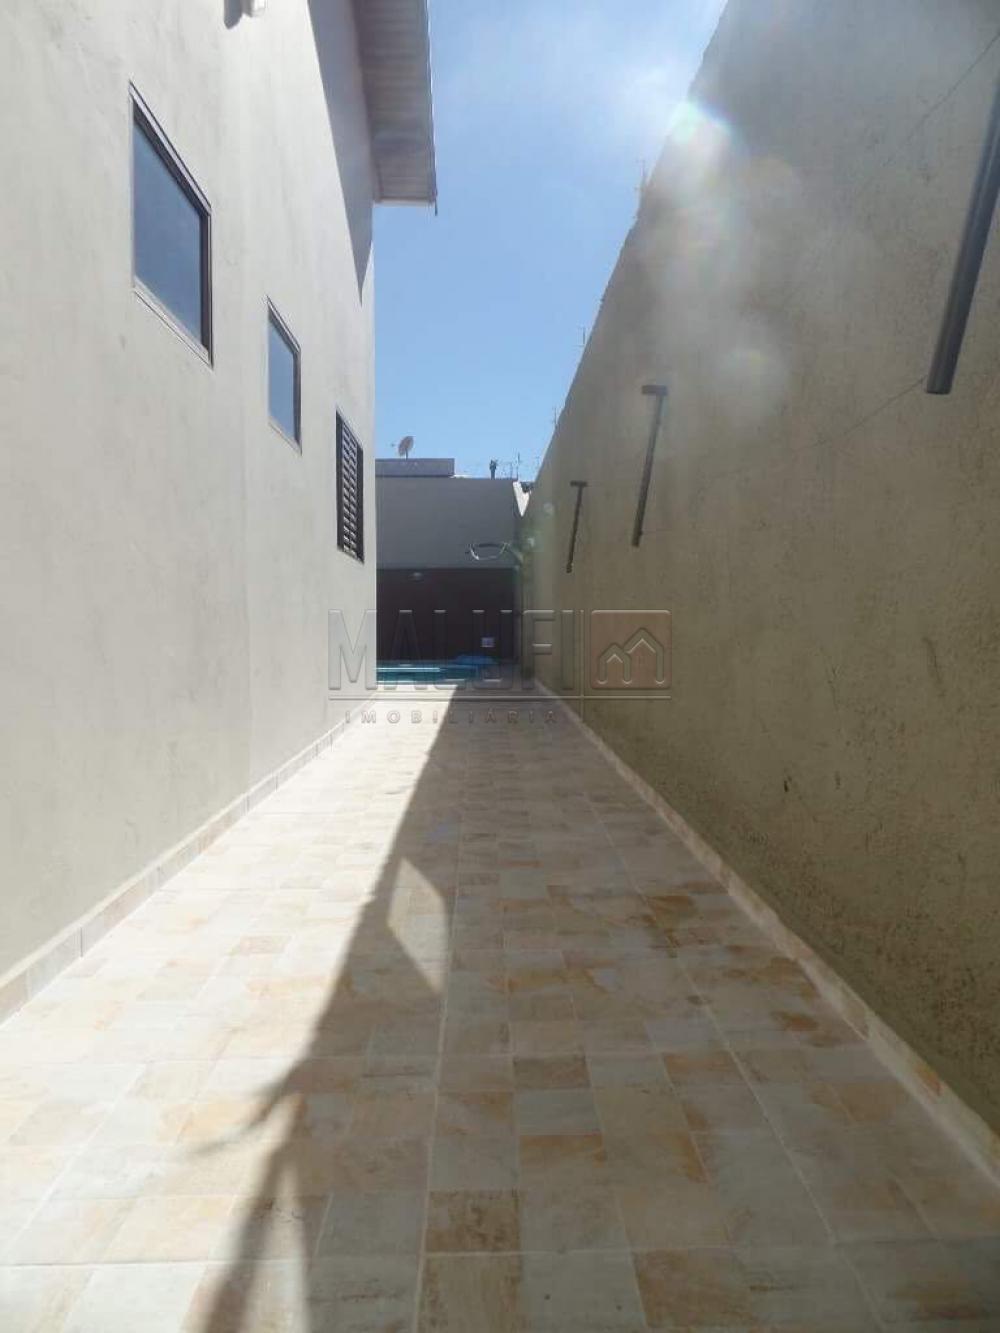 Alugar Casas / Padrão em Olímpia apenas R$ 1.700,00 - Foto 23